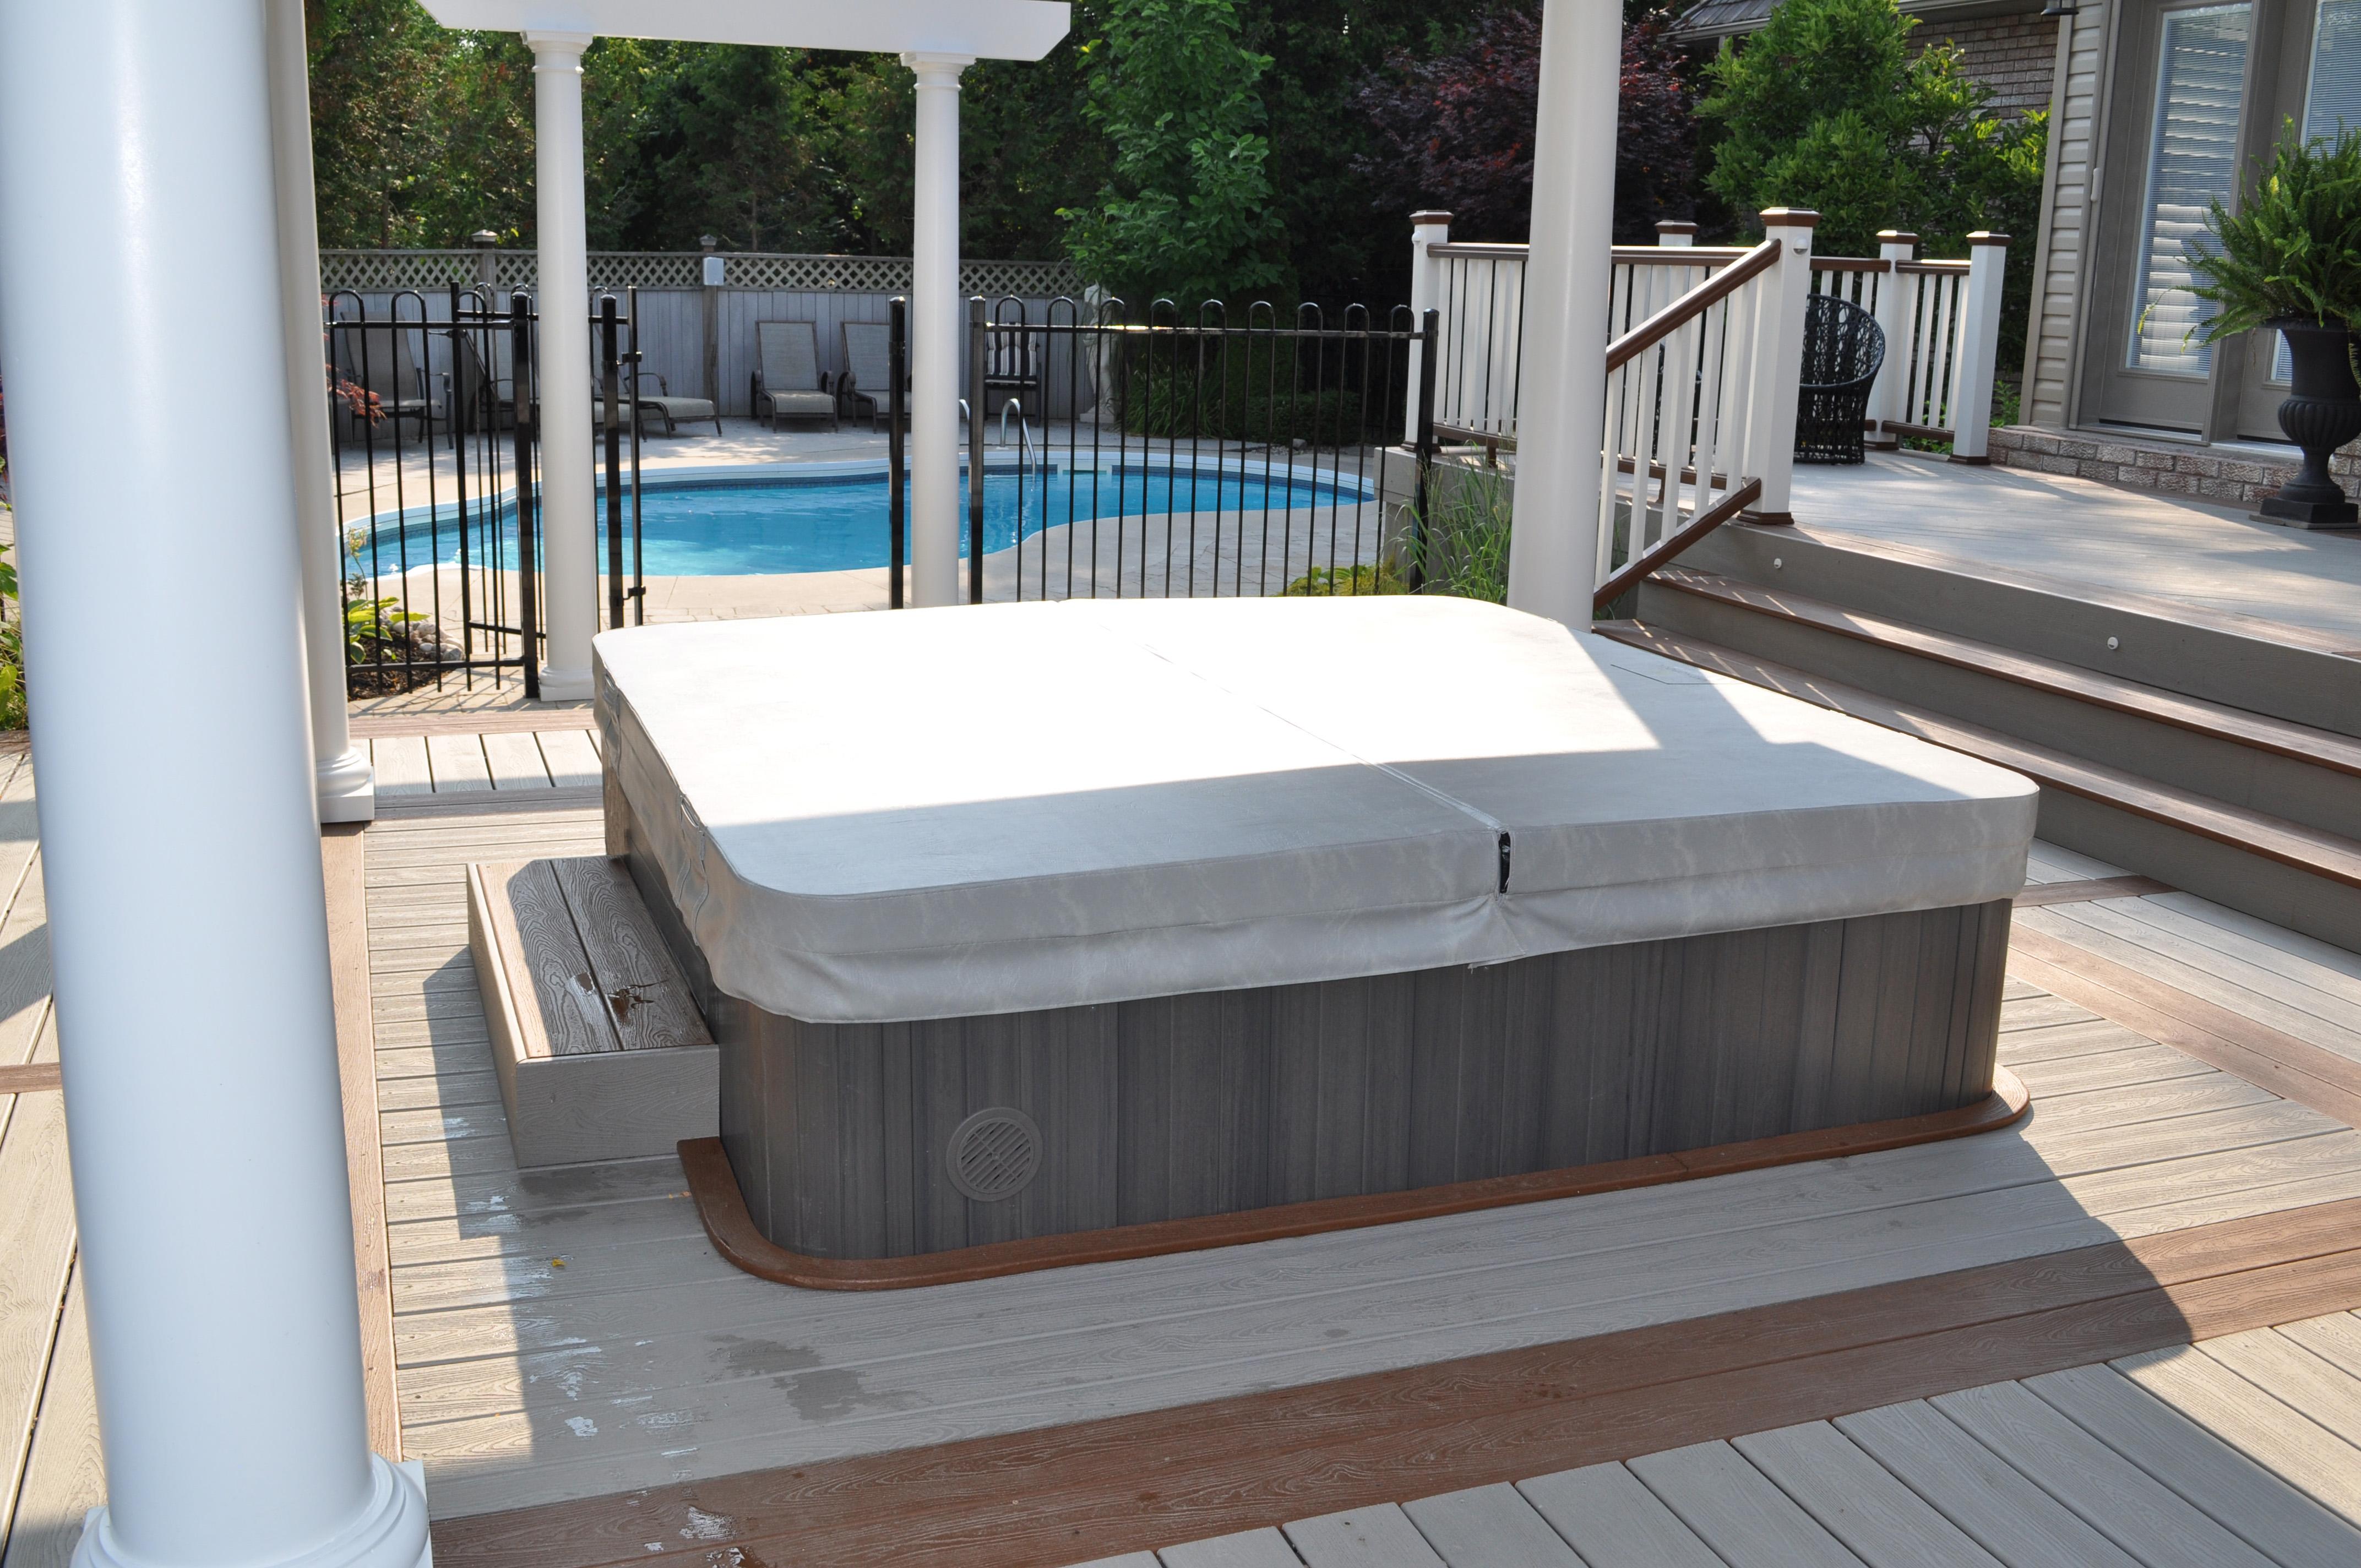 Hydropool serenity hot tub 5000 wellnessdrops - Sauna whirlpool ...